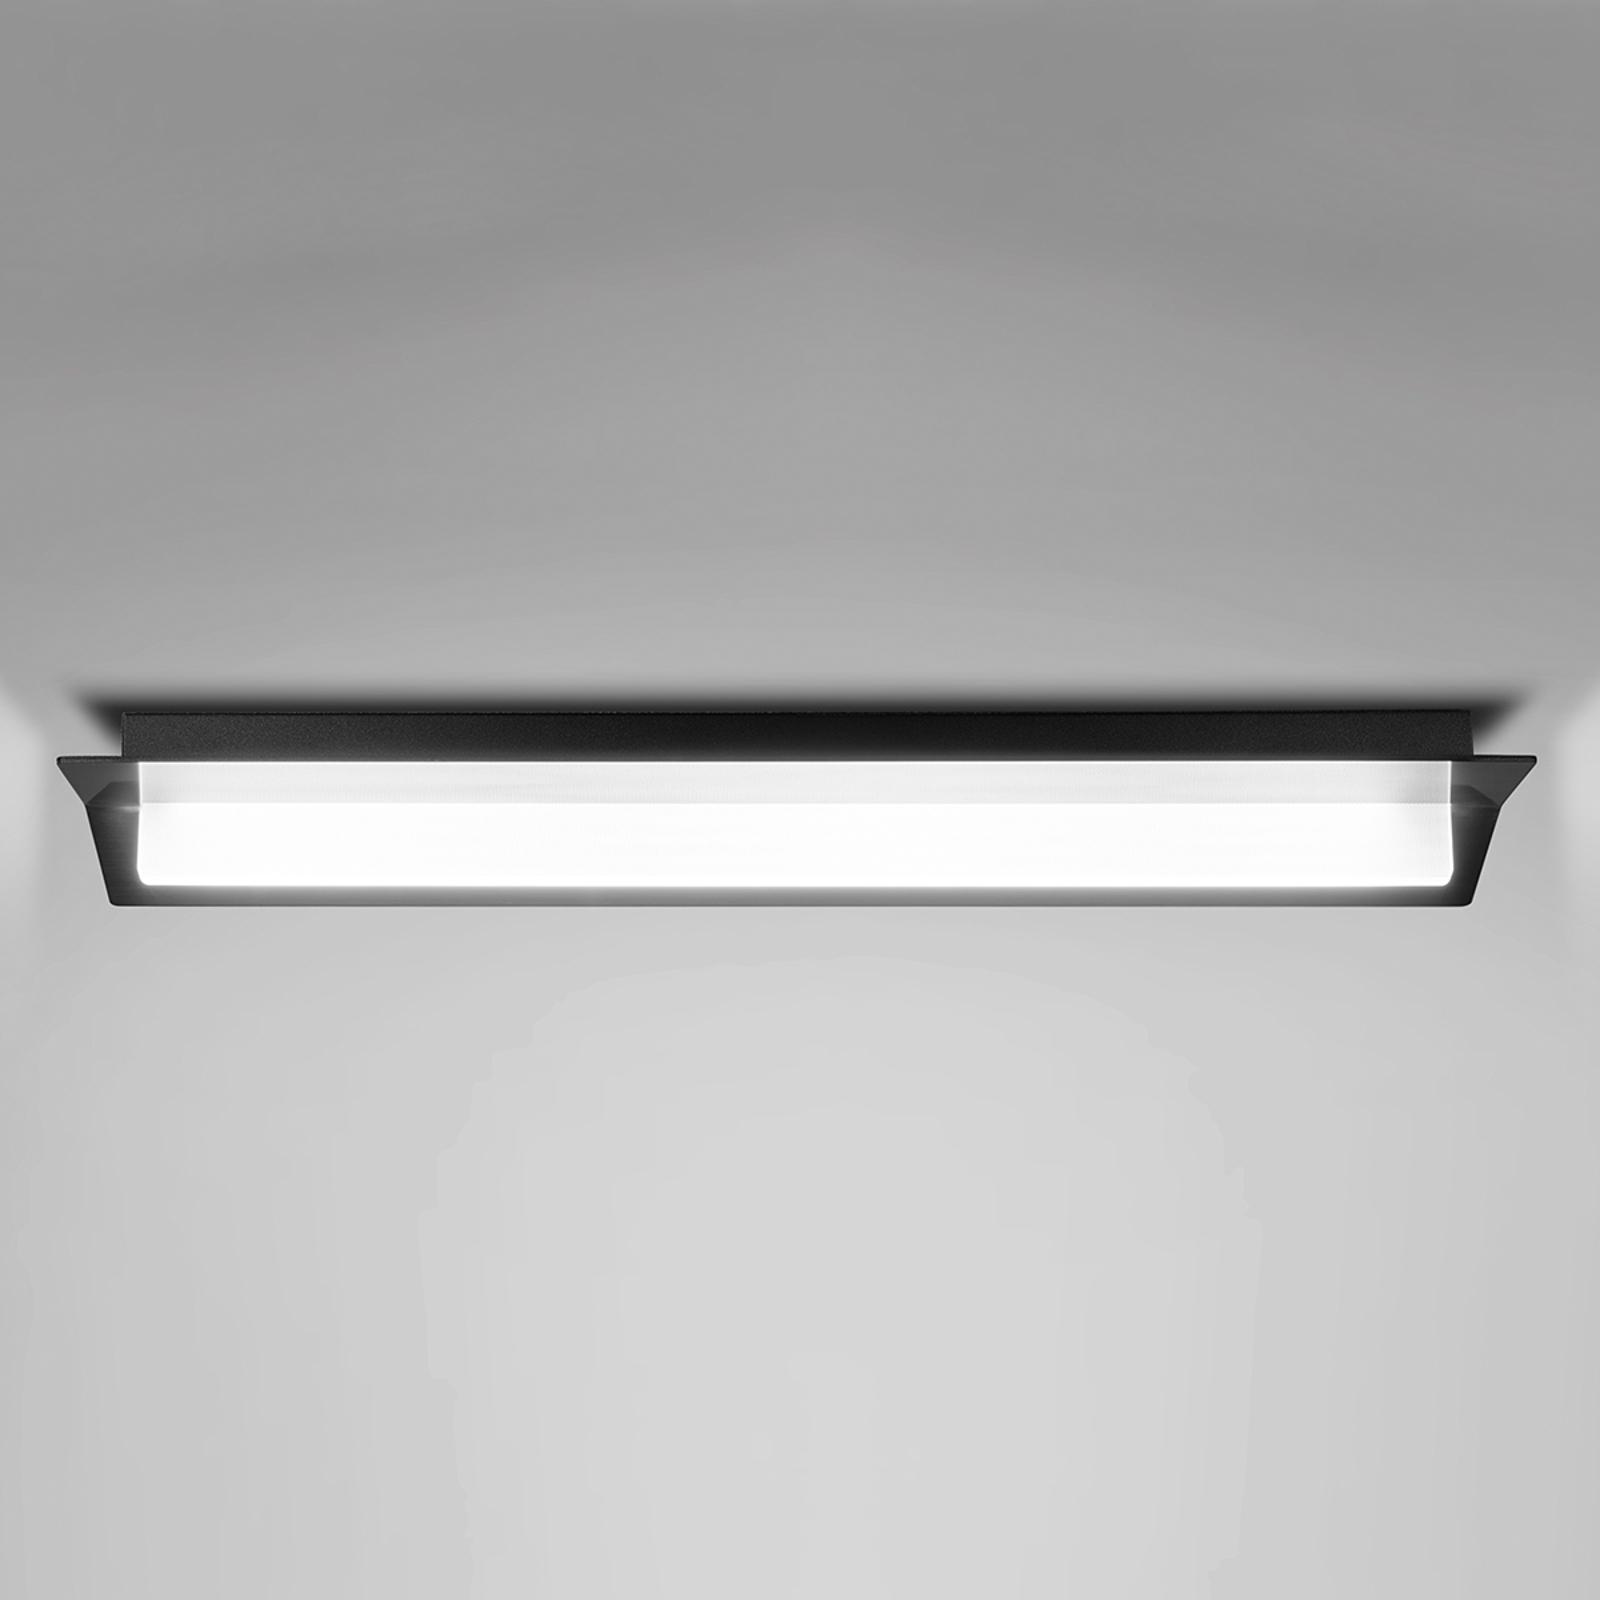 Flurry LED-taklampe, 100 cm, svart